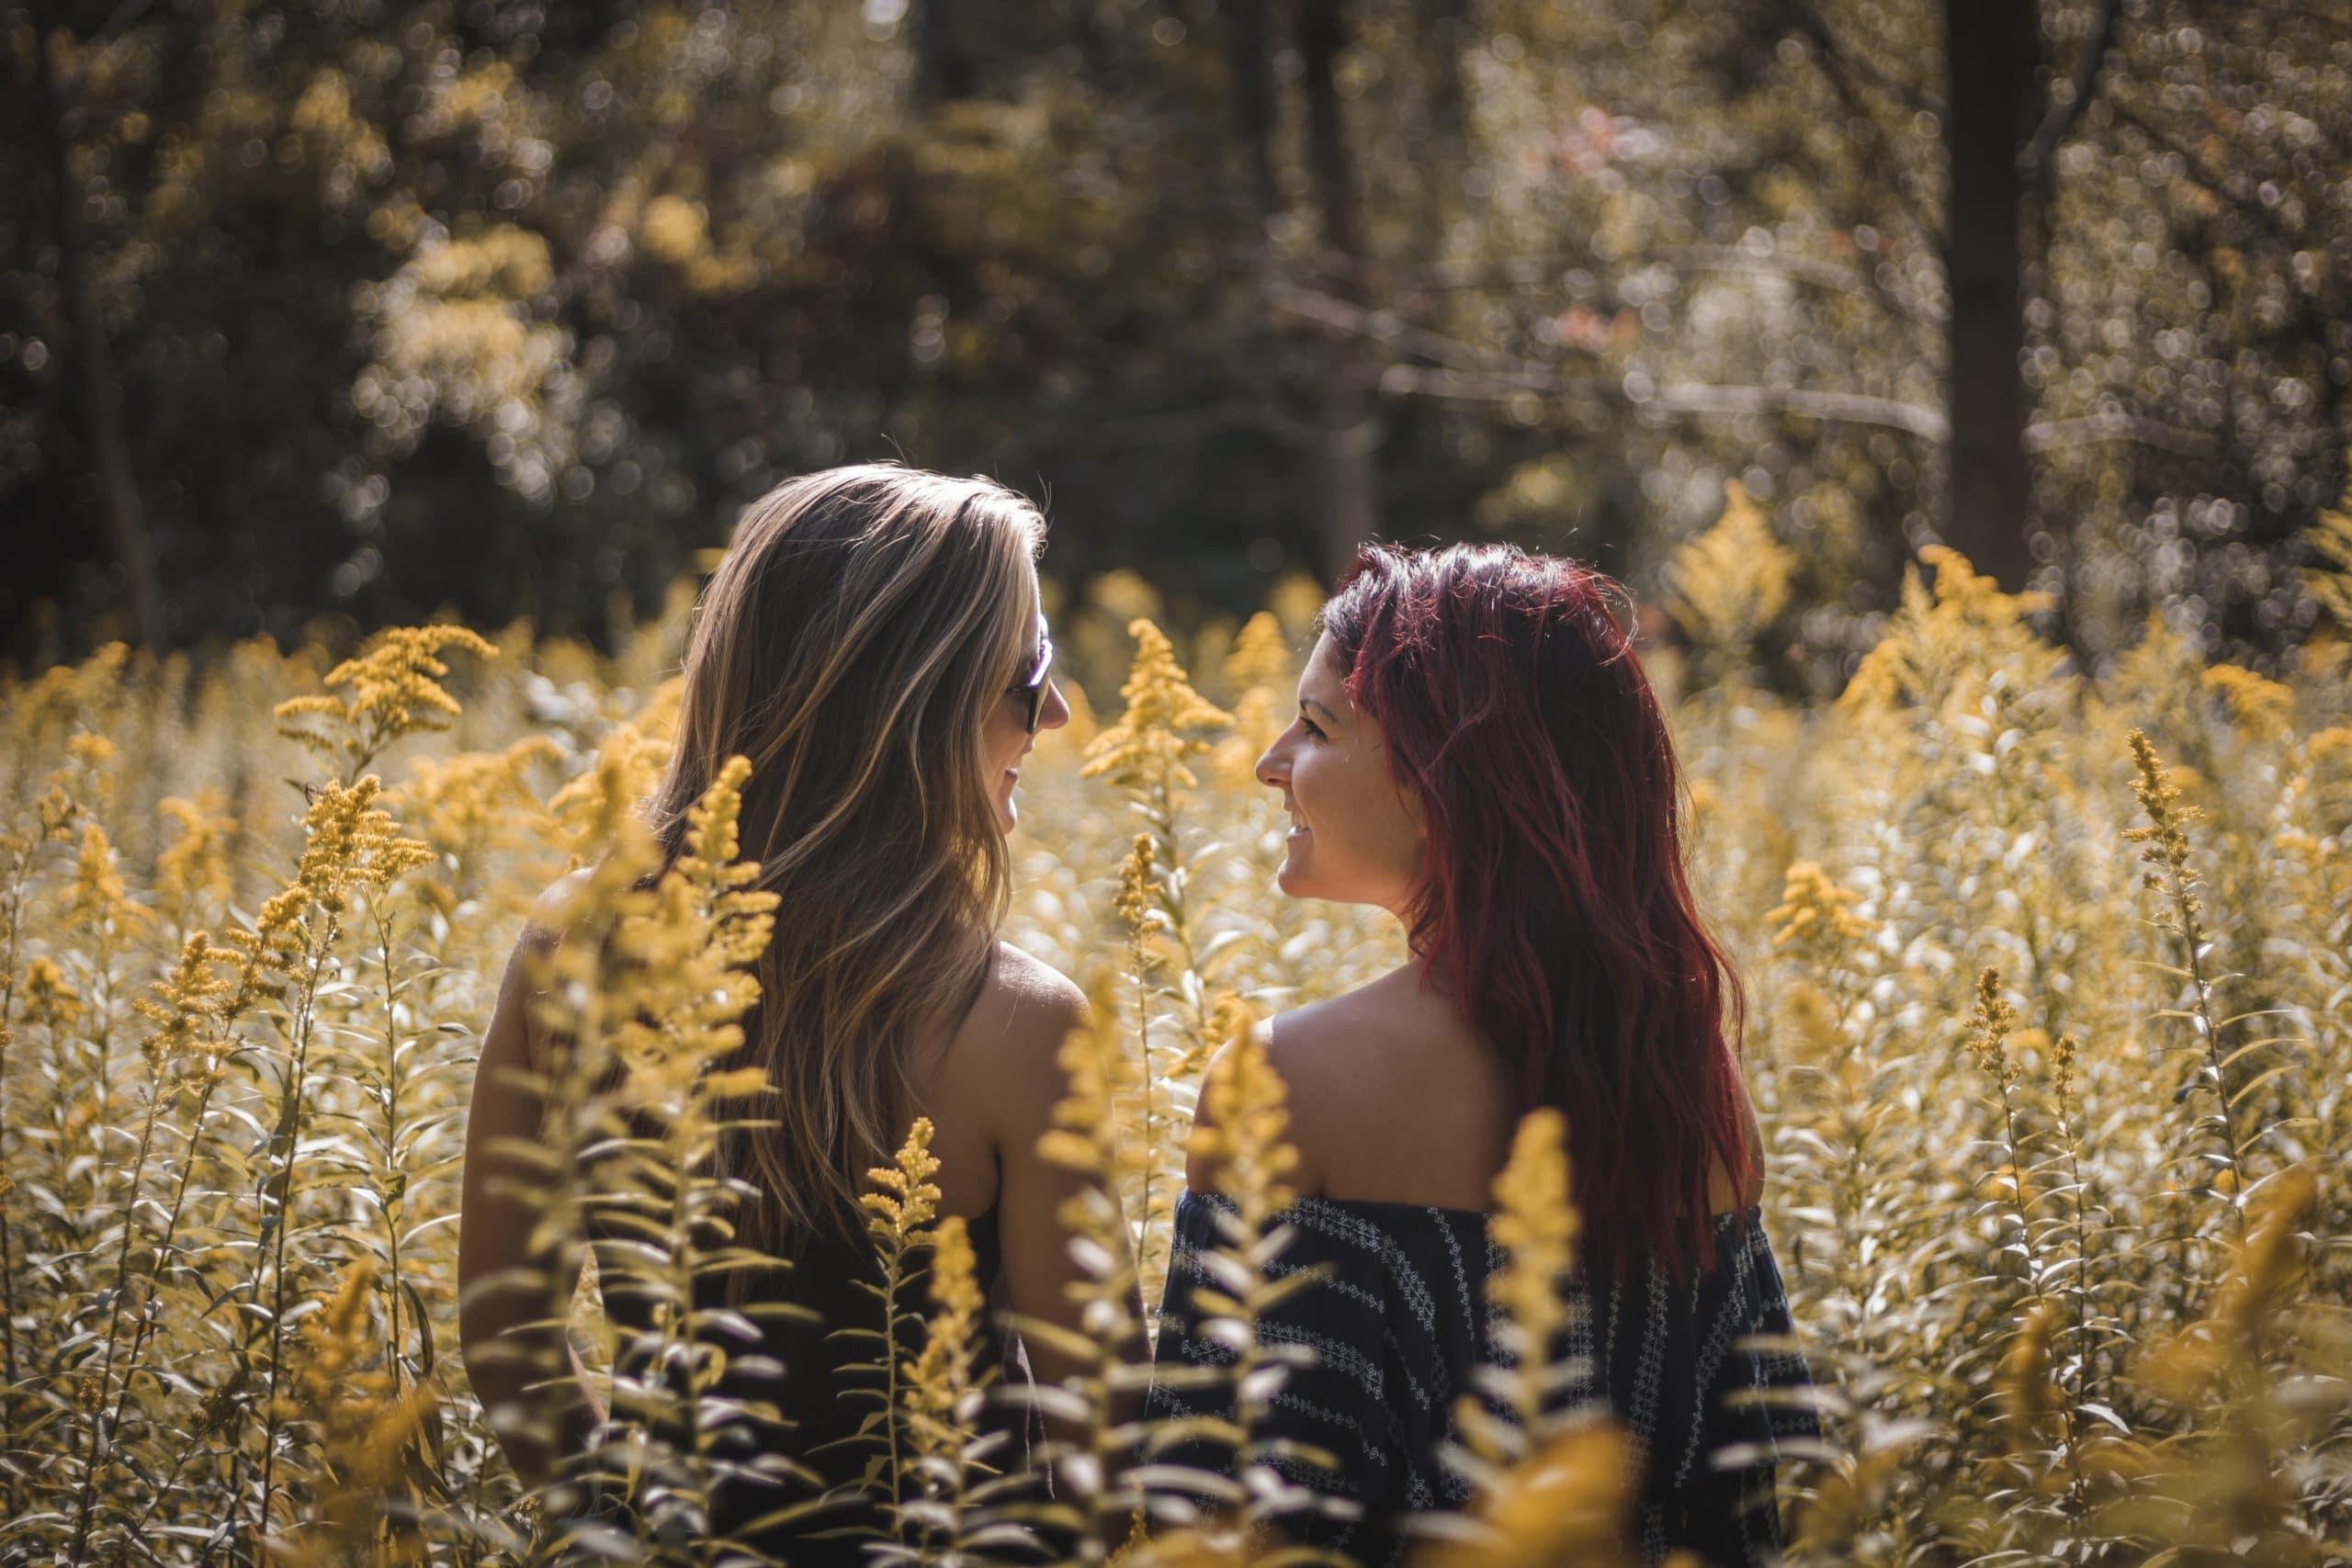 Duas meninas no campo de costas se olhando e sorrindo